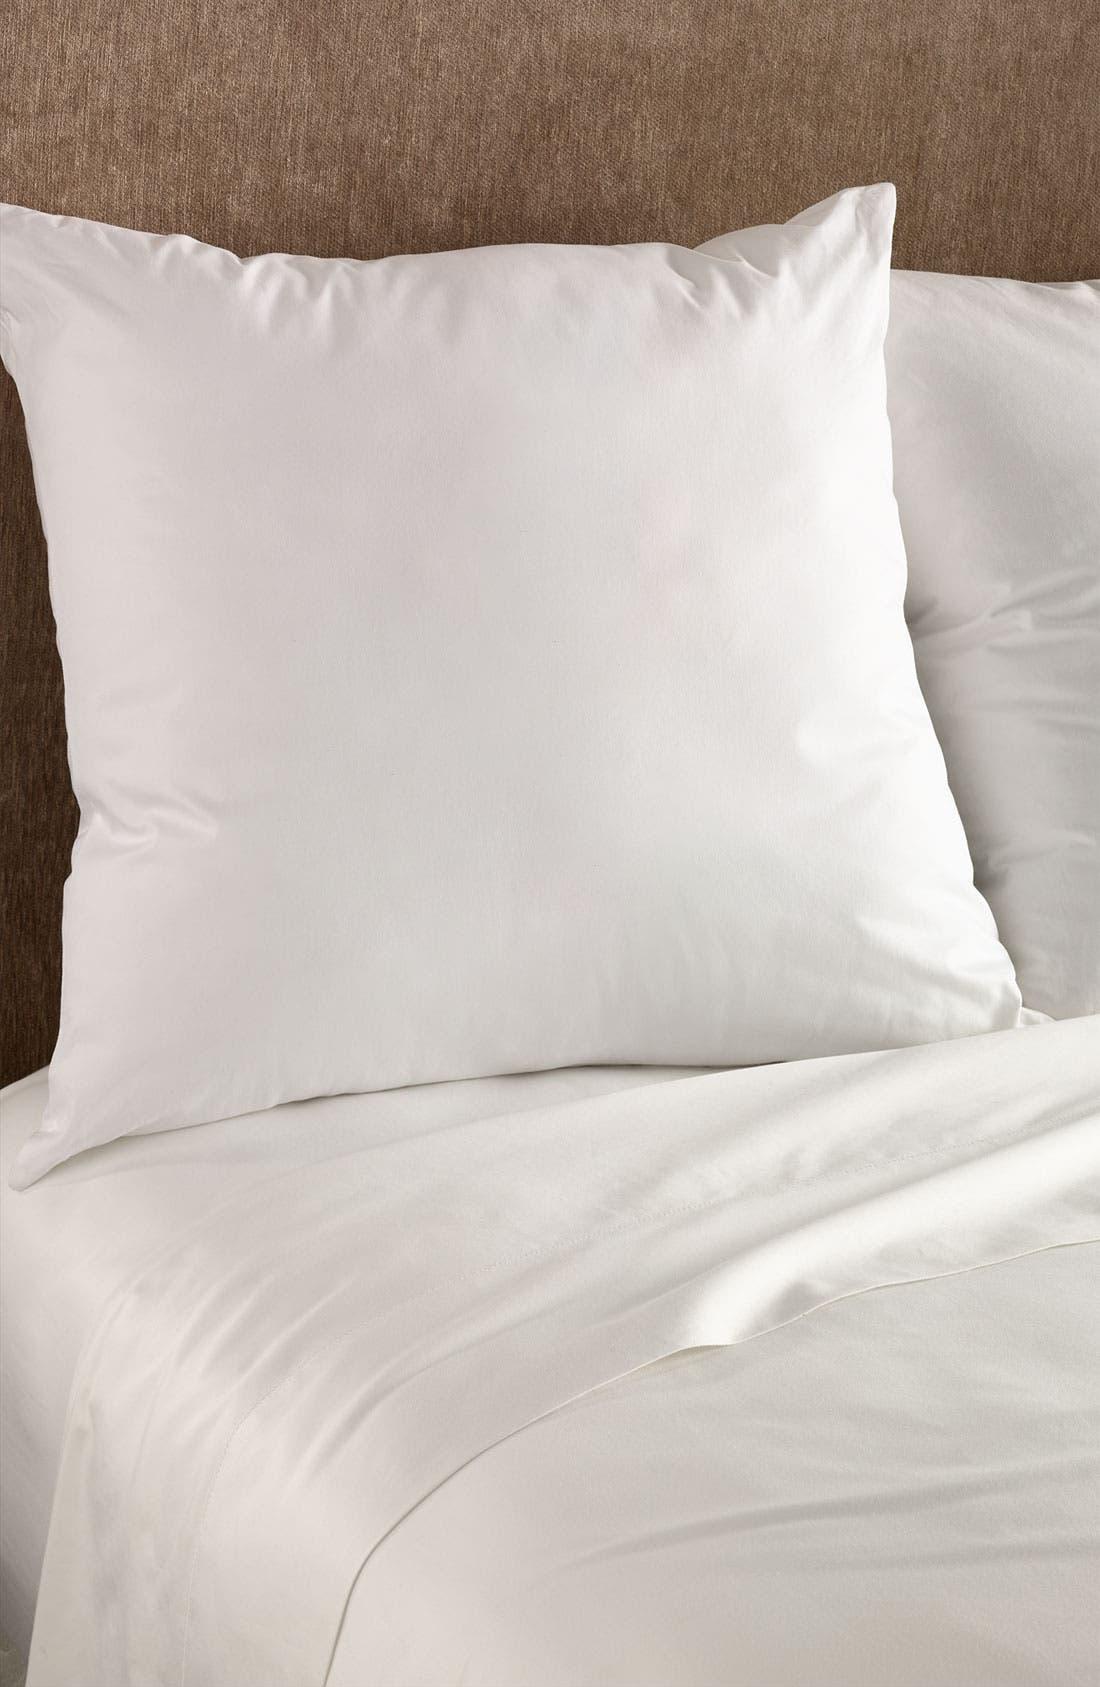 Main Image - Westin At Home Euro Pillow